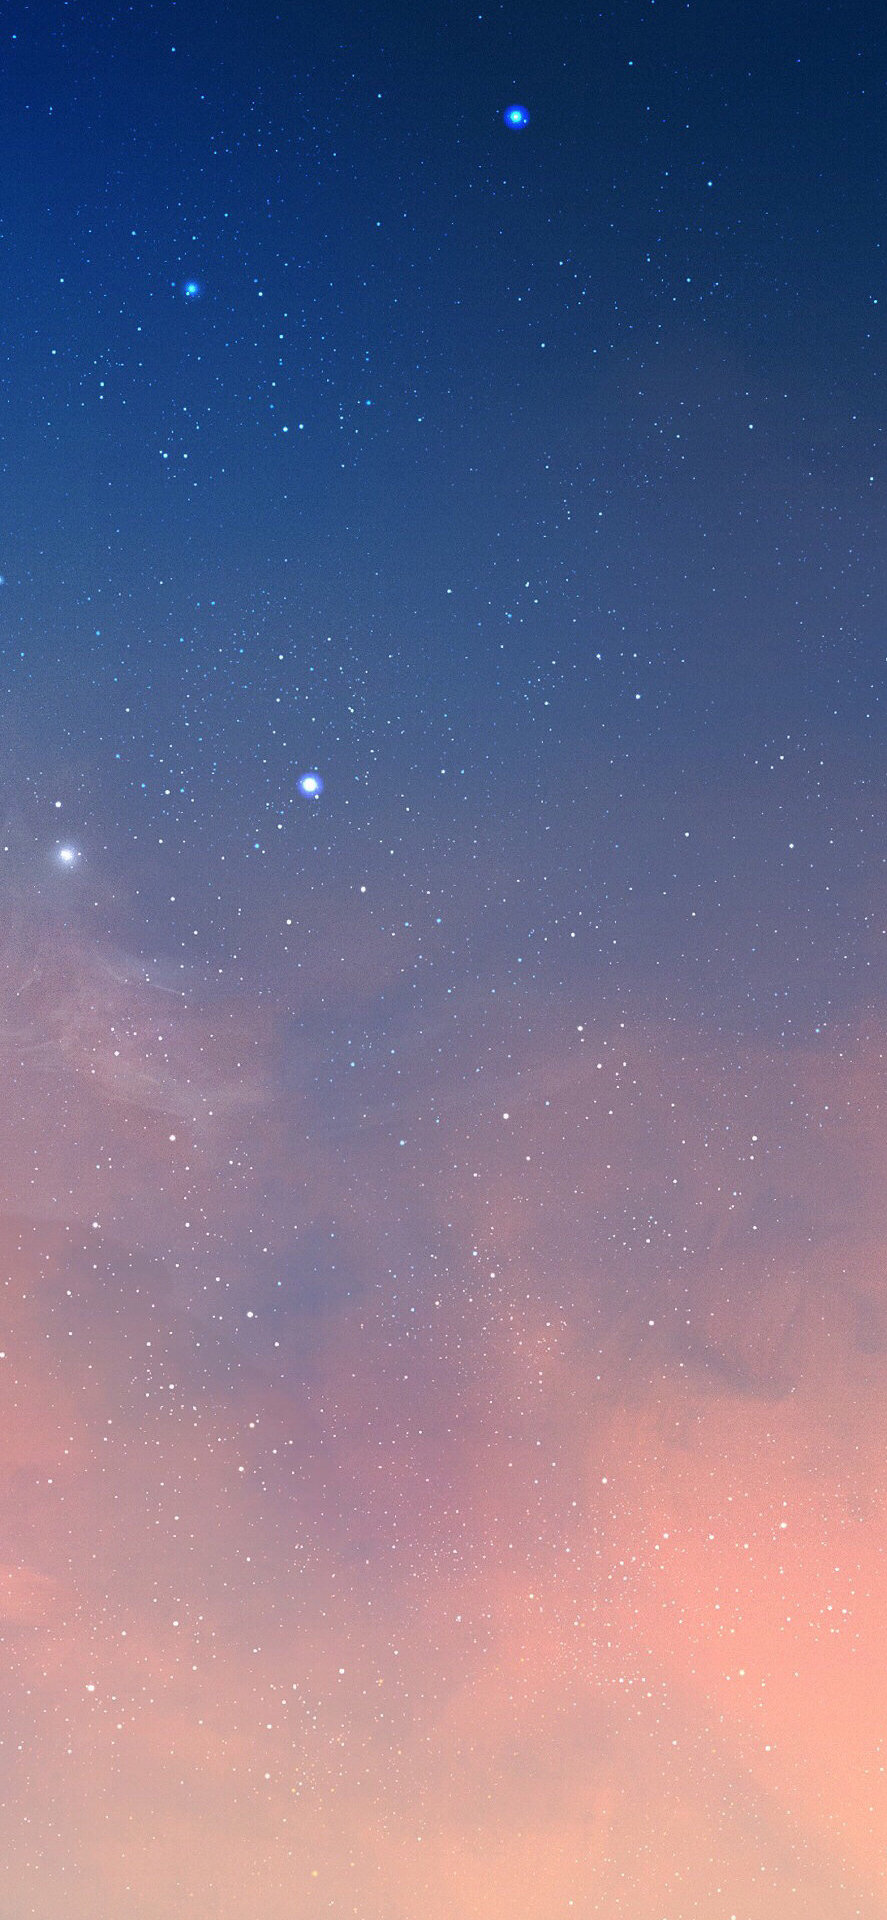 壁纸 繁星点点的夜空